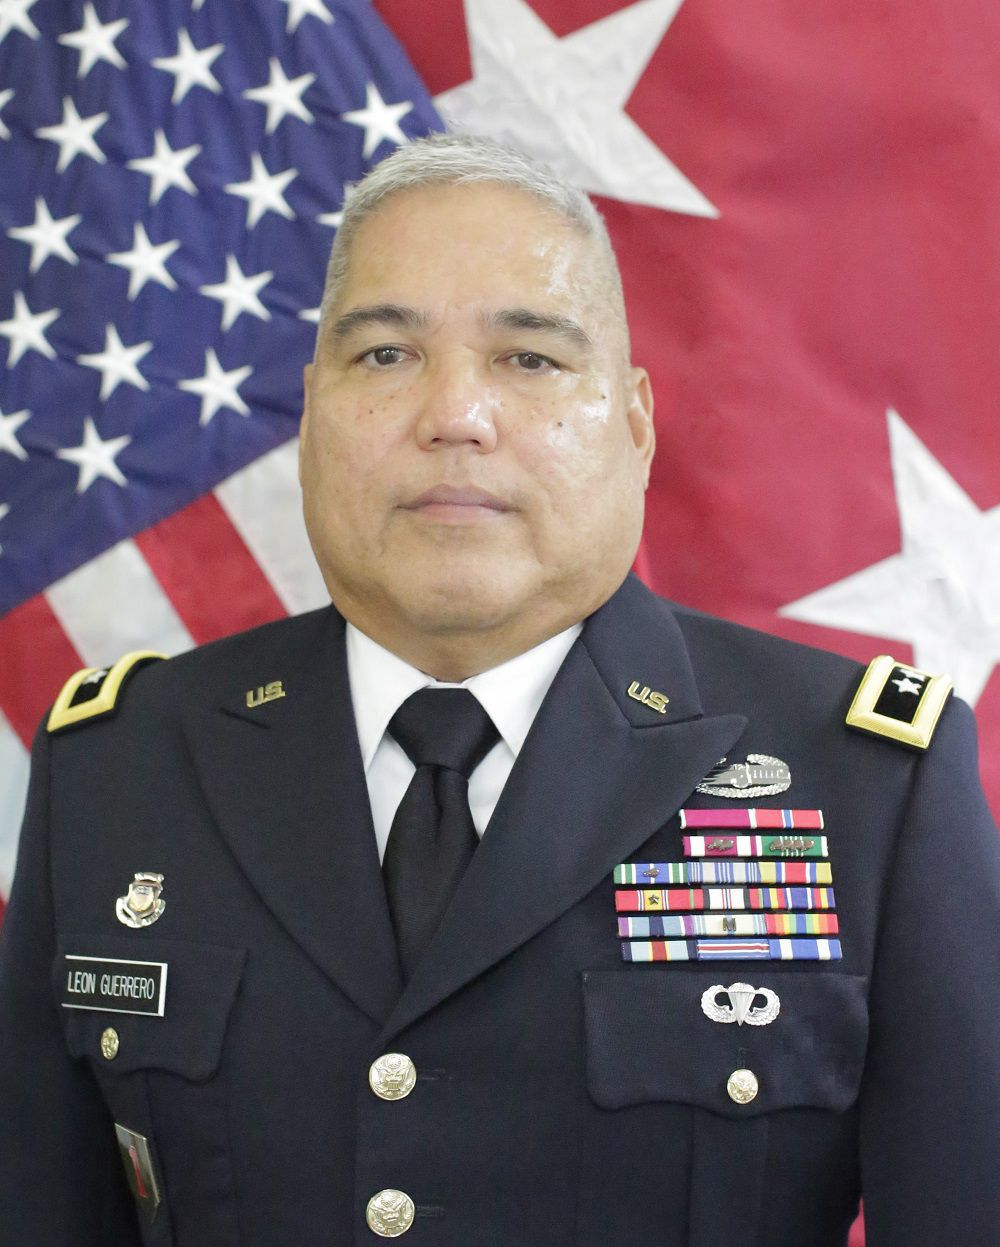 Roderick Leon Guerrero